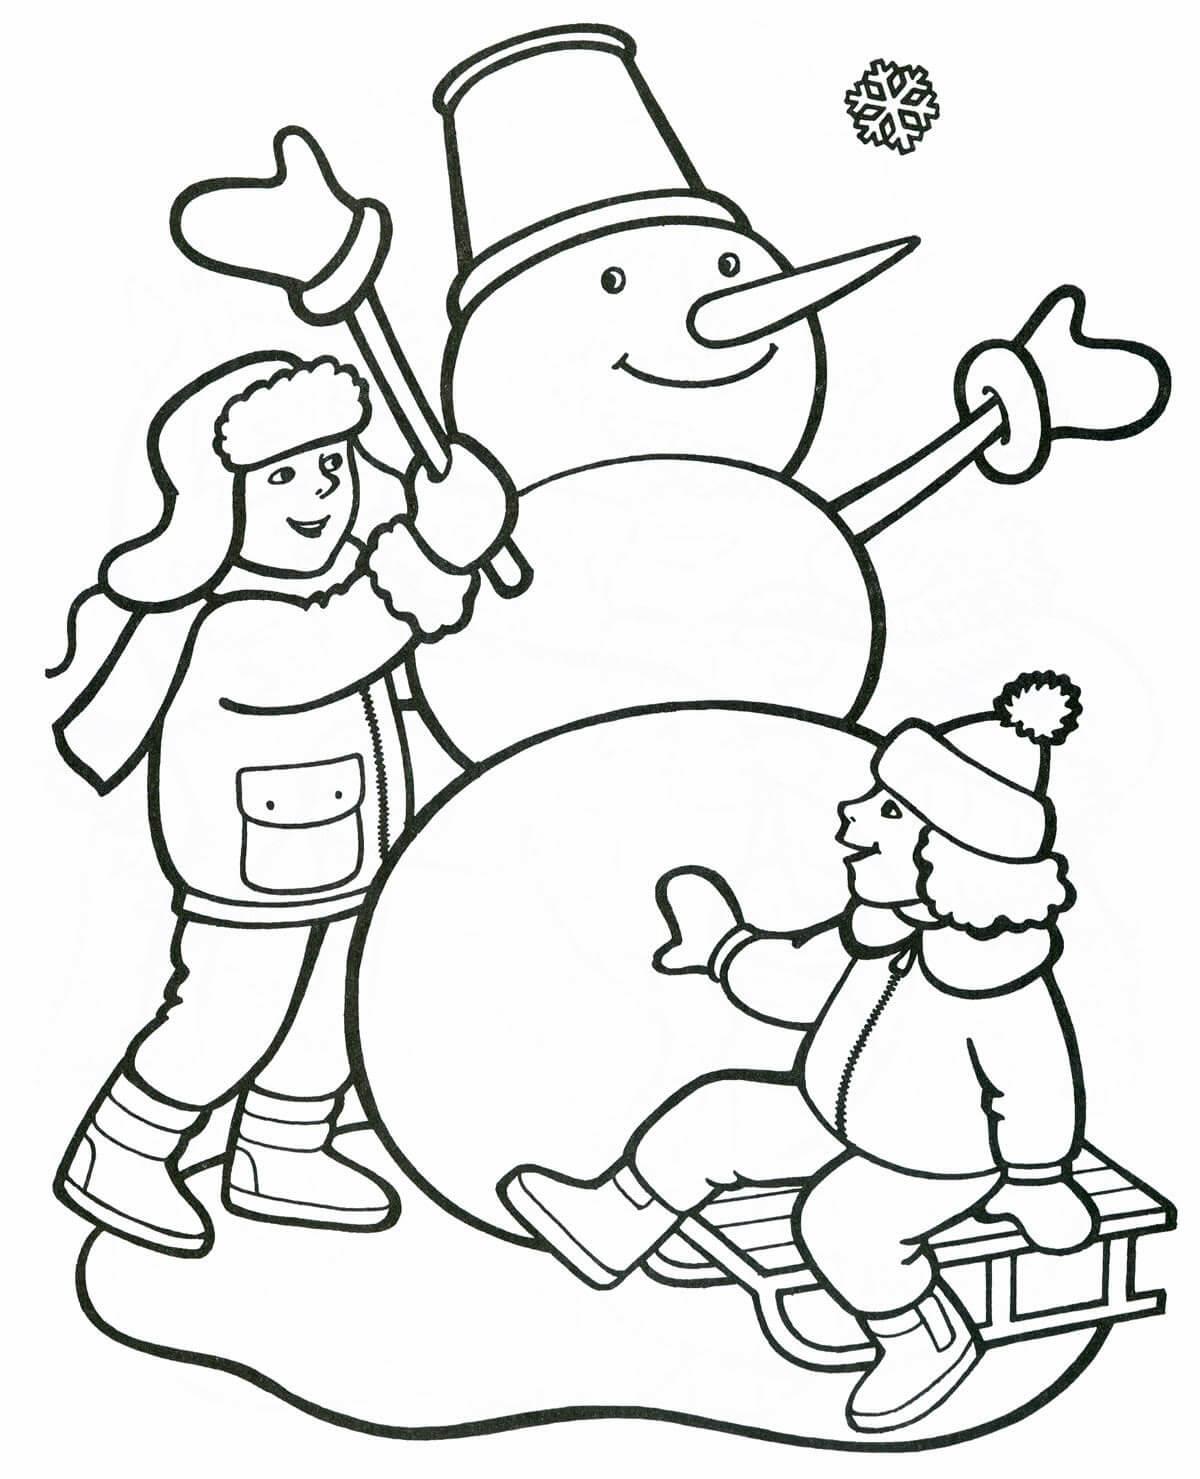 Лучшие картинки рисунки снеговиков для срисовки - коллекция 1